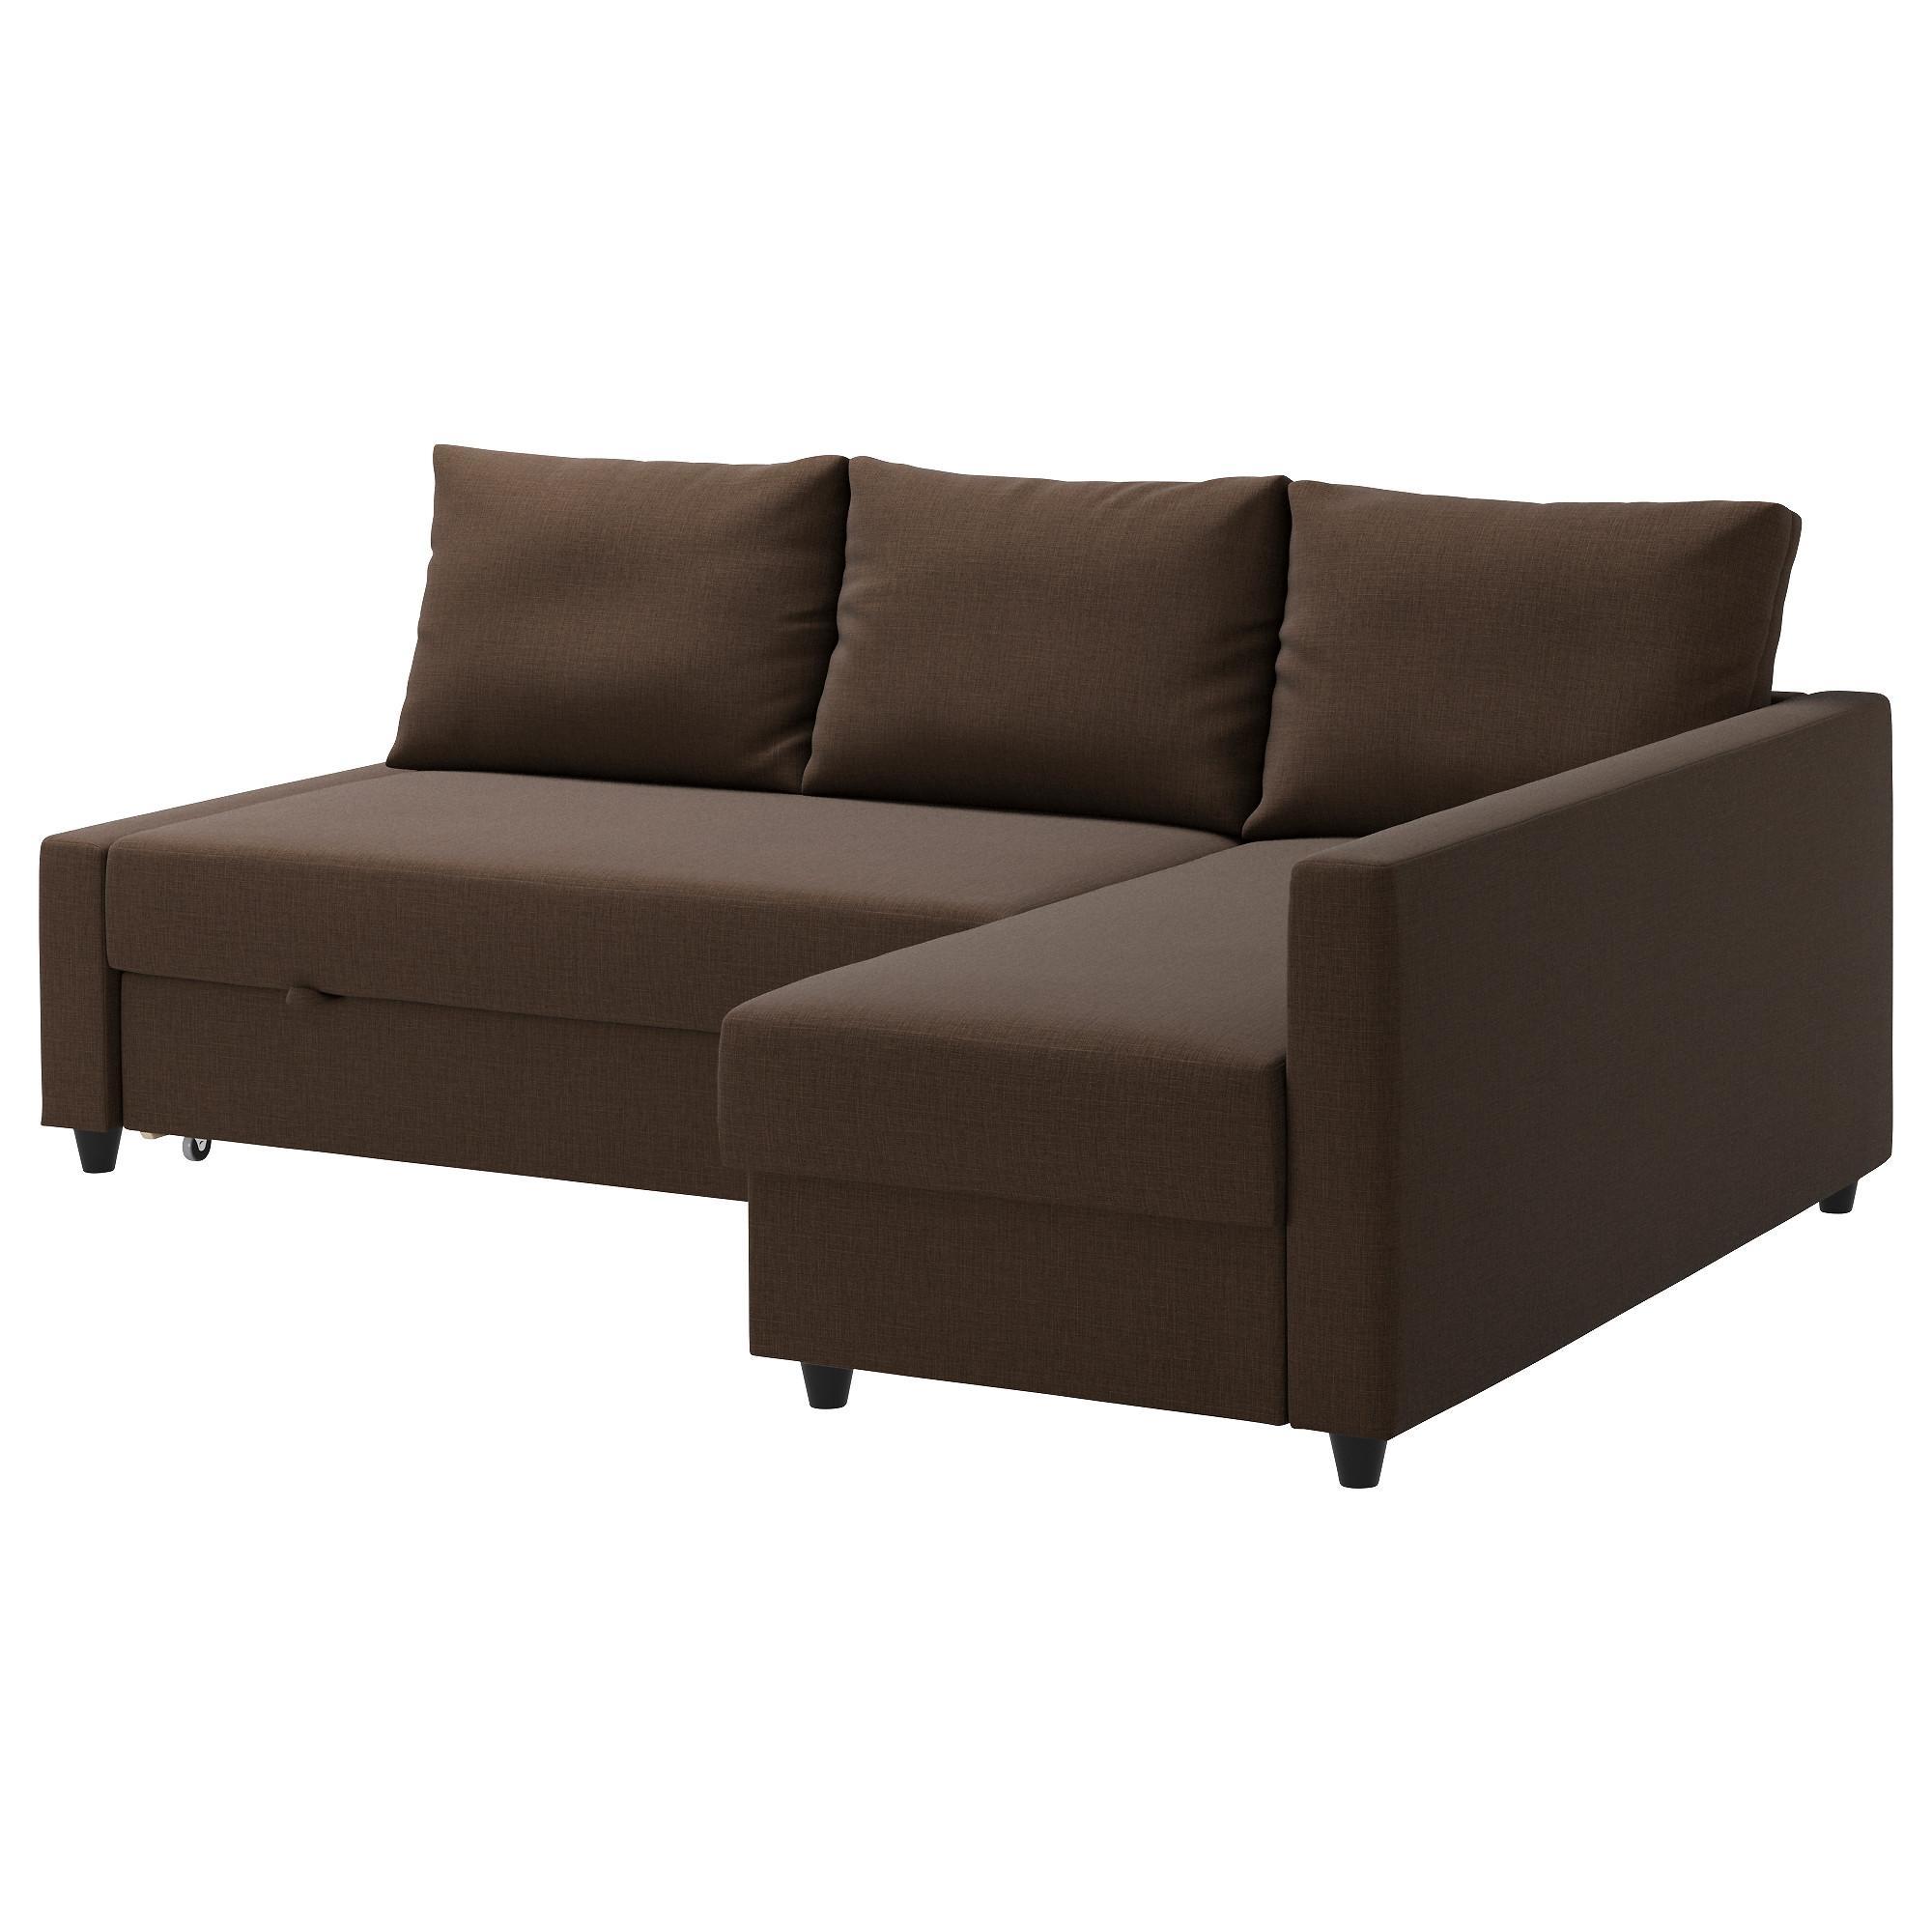 20 choices of ikea sofa storage sofa ideas. Black Bedroom Furniture Sets. Home Design Ideas